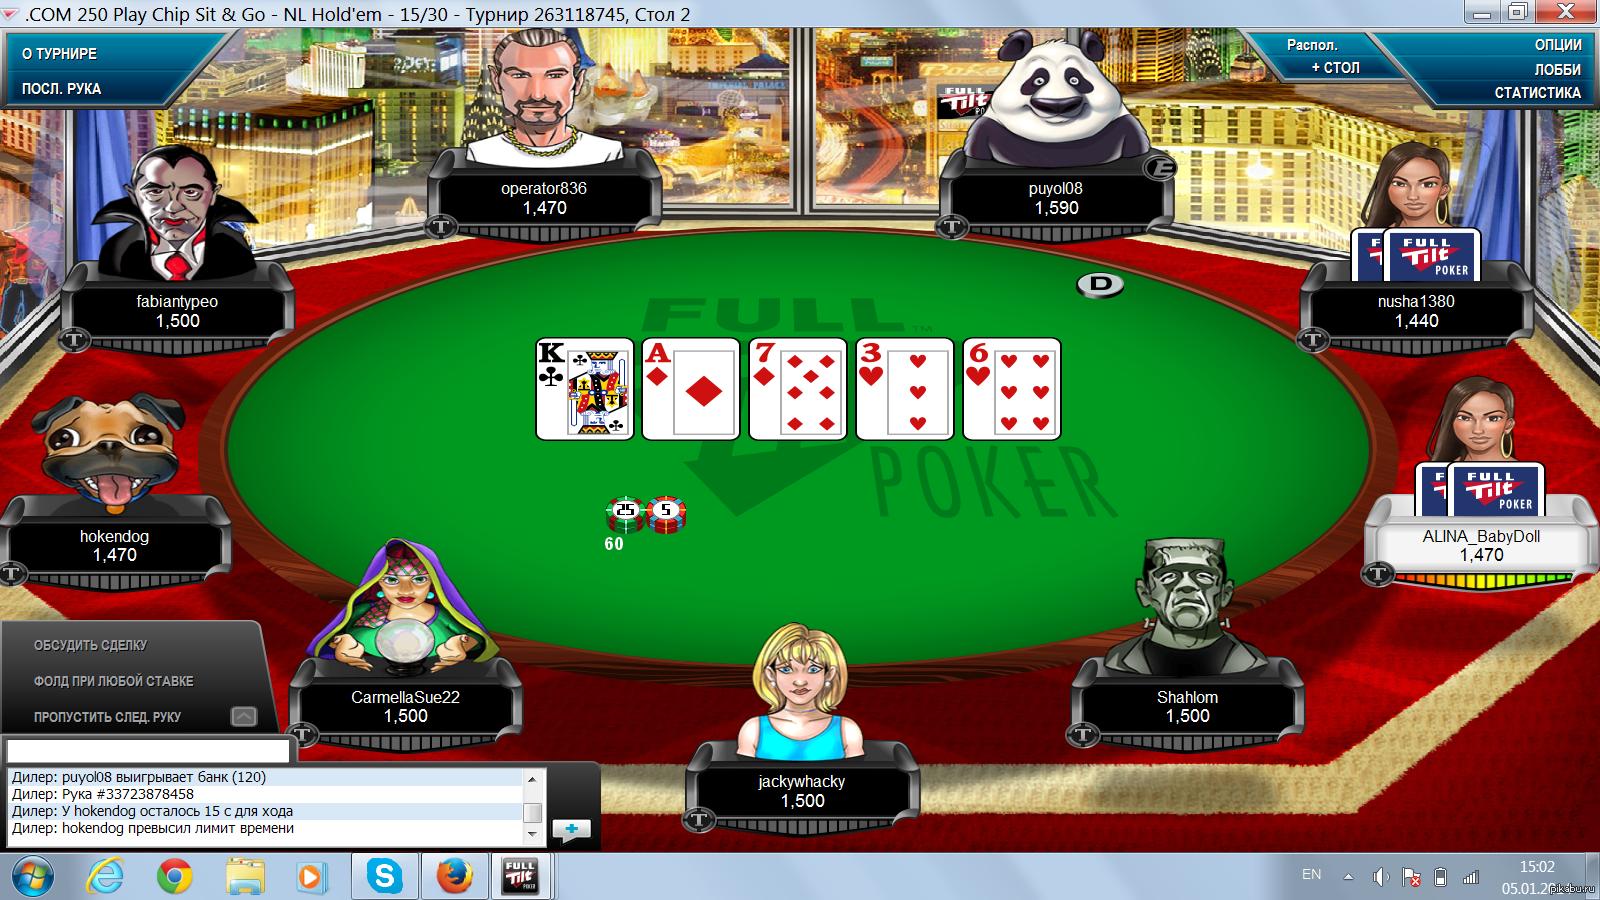 игре в онлайн покер в собаки четыре